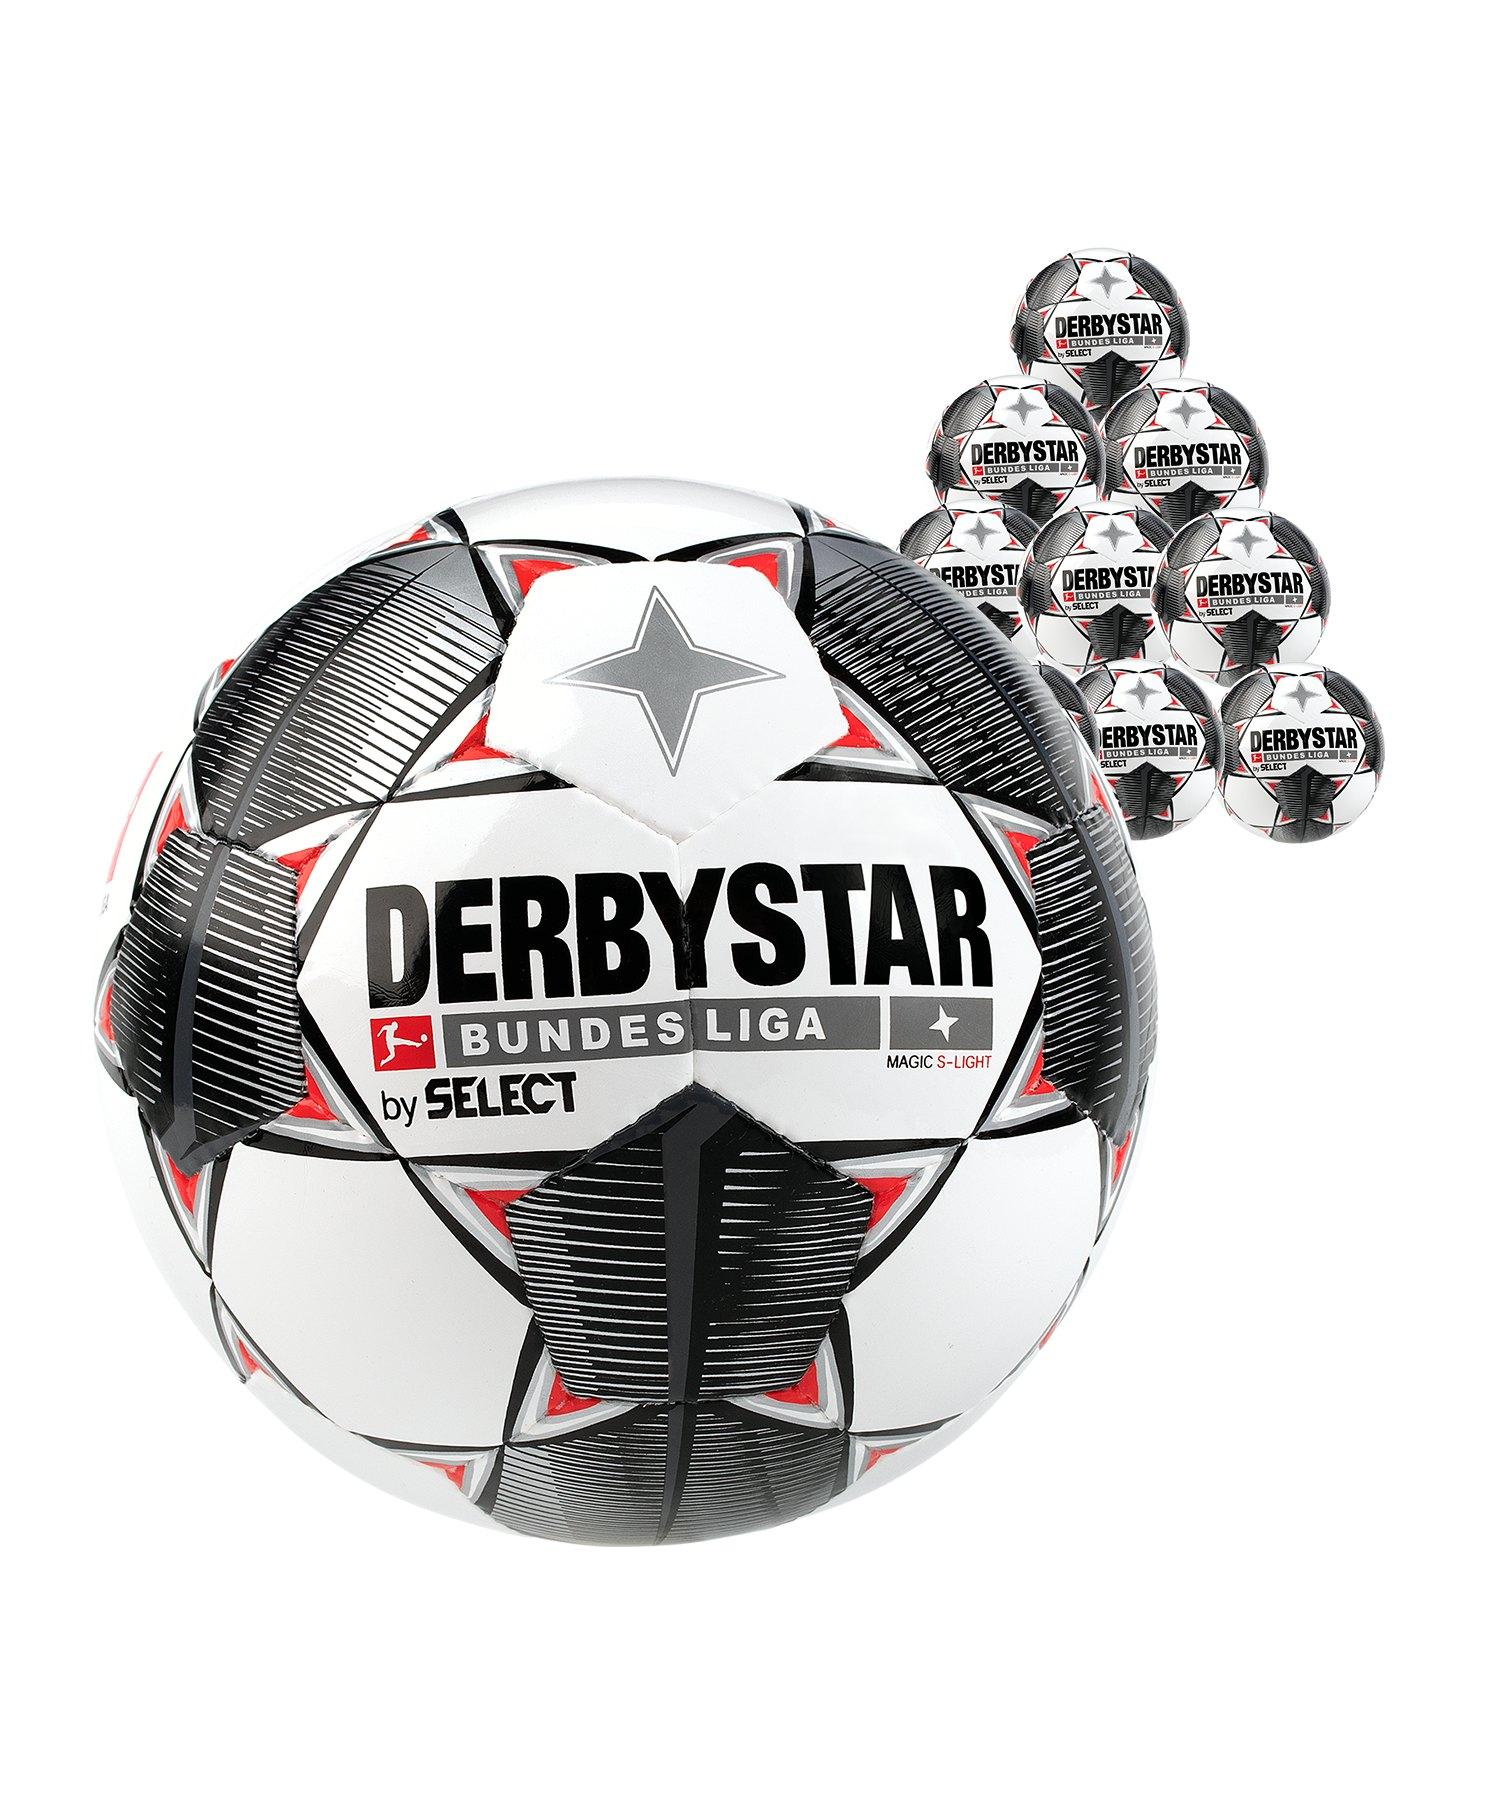 Derbystar Buli Magic S-Light 290g 20x Gr.5 Weiss F019 - weiss